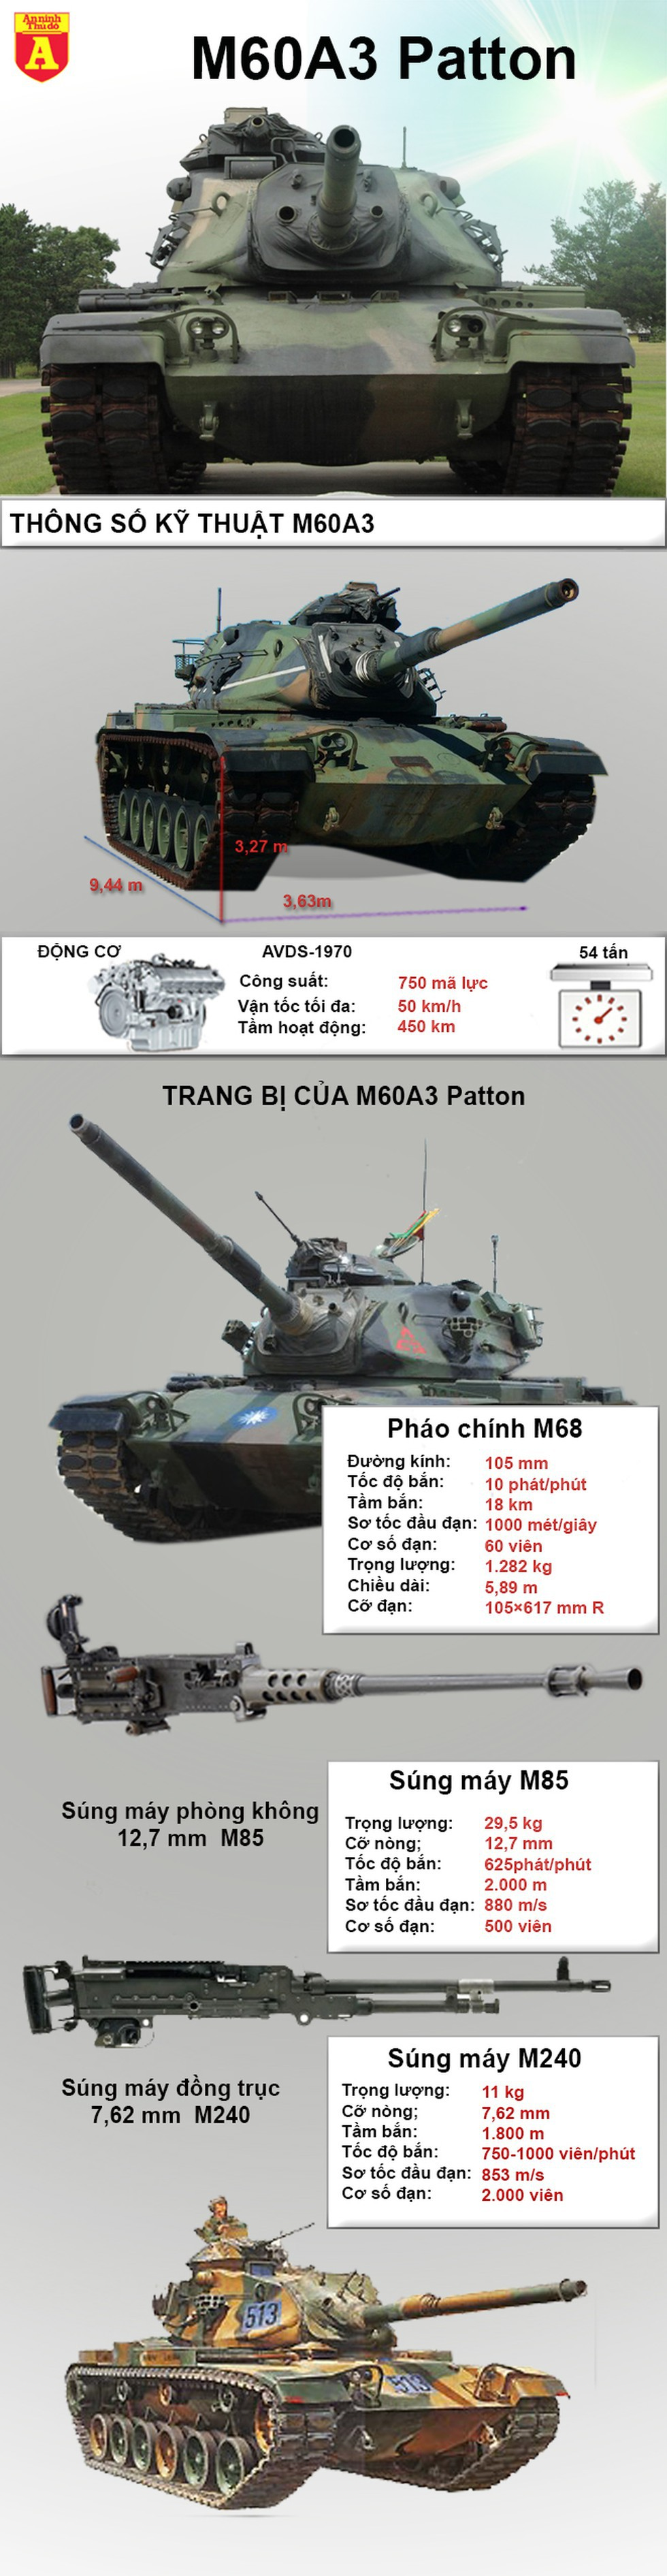 """[Infographics] Thổ Nhĩ Kỳ quá liều lĩnh khi mang """"xe tăng cổ"""" vào chiến trường Syria - Ảnh 1"""